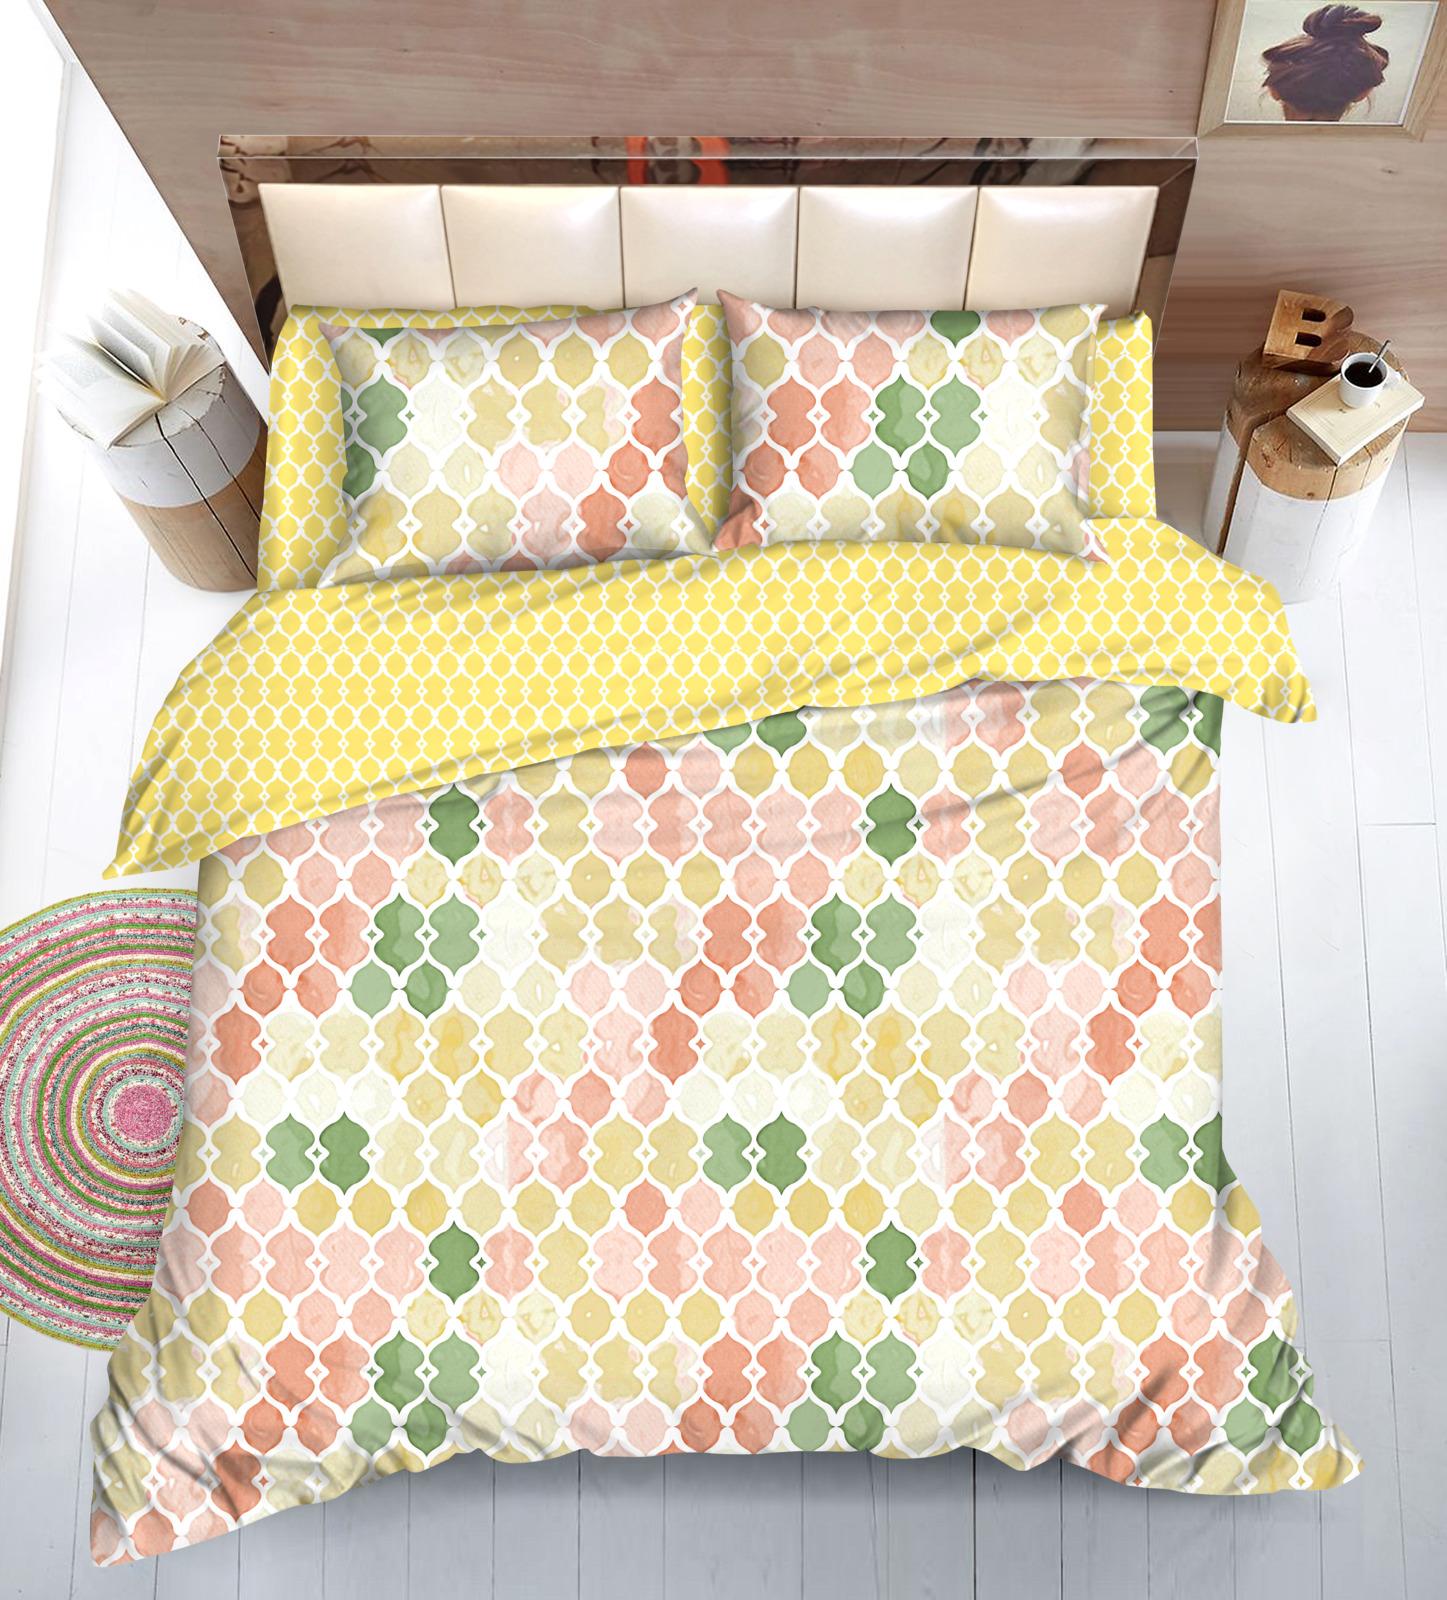 Комплект постельного белья Amore Mio Gold Brandi, 7858, разноцветный, евро, наволочки 70x50, 70x70